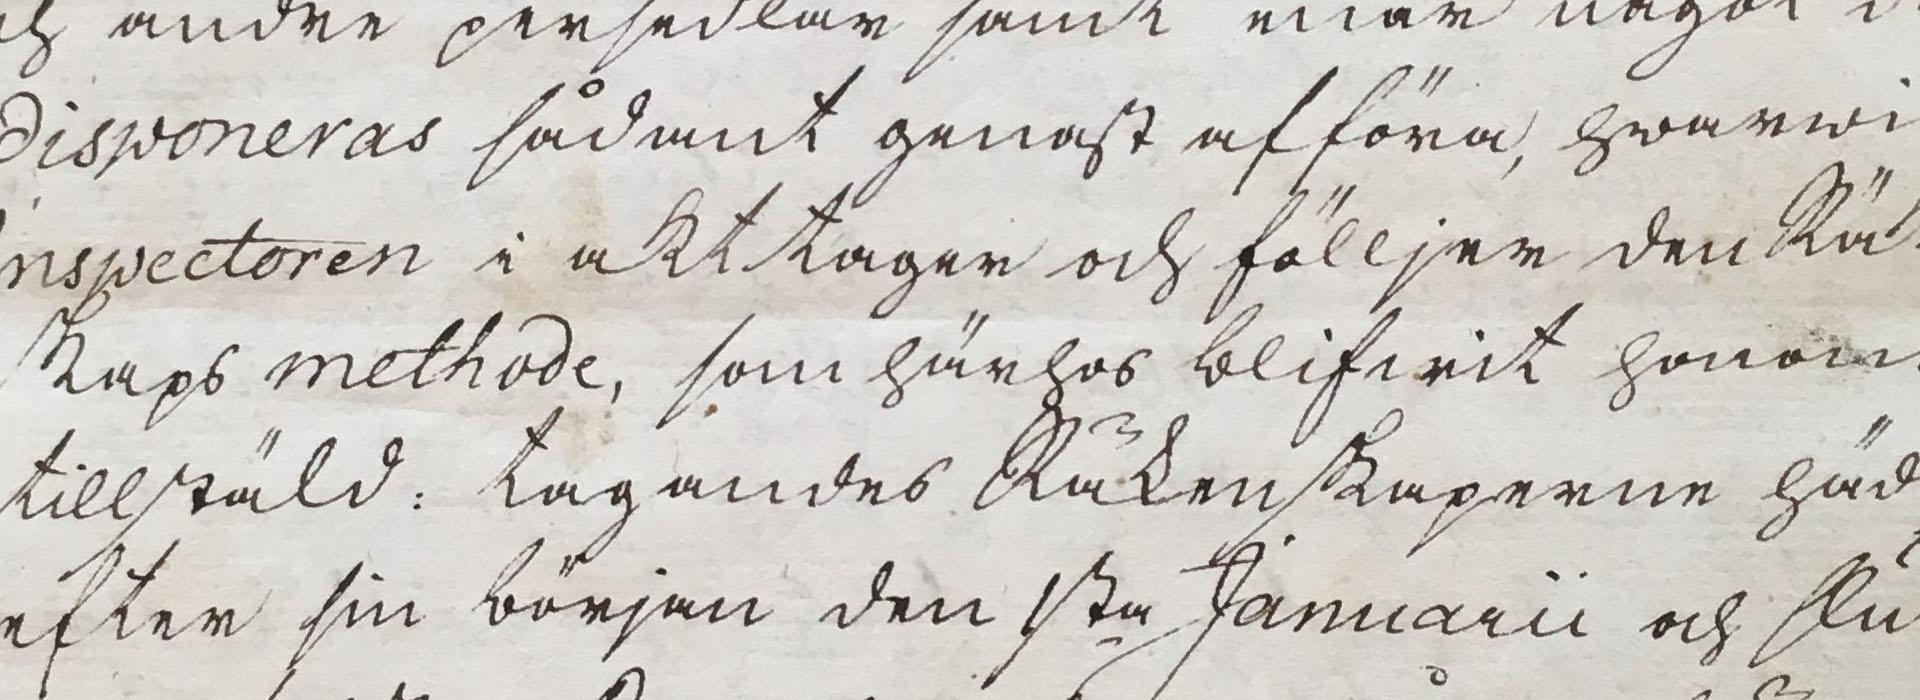 Utsnitt ur instruktion från 1779 med gammaldags skrivstil.